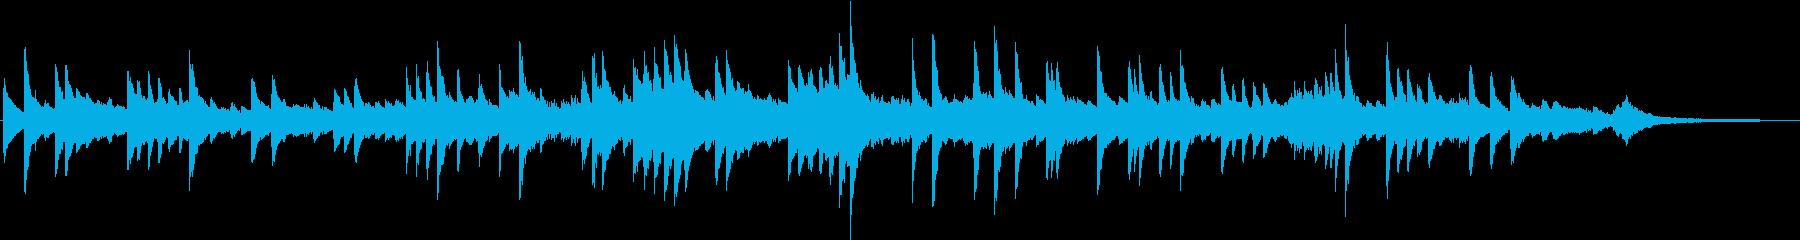 メロディアスな熱いヒューマンピアノBGMの再生済みの波形